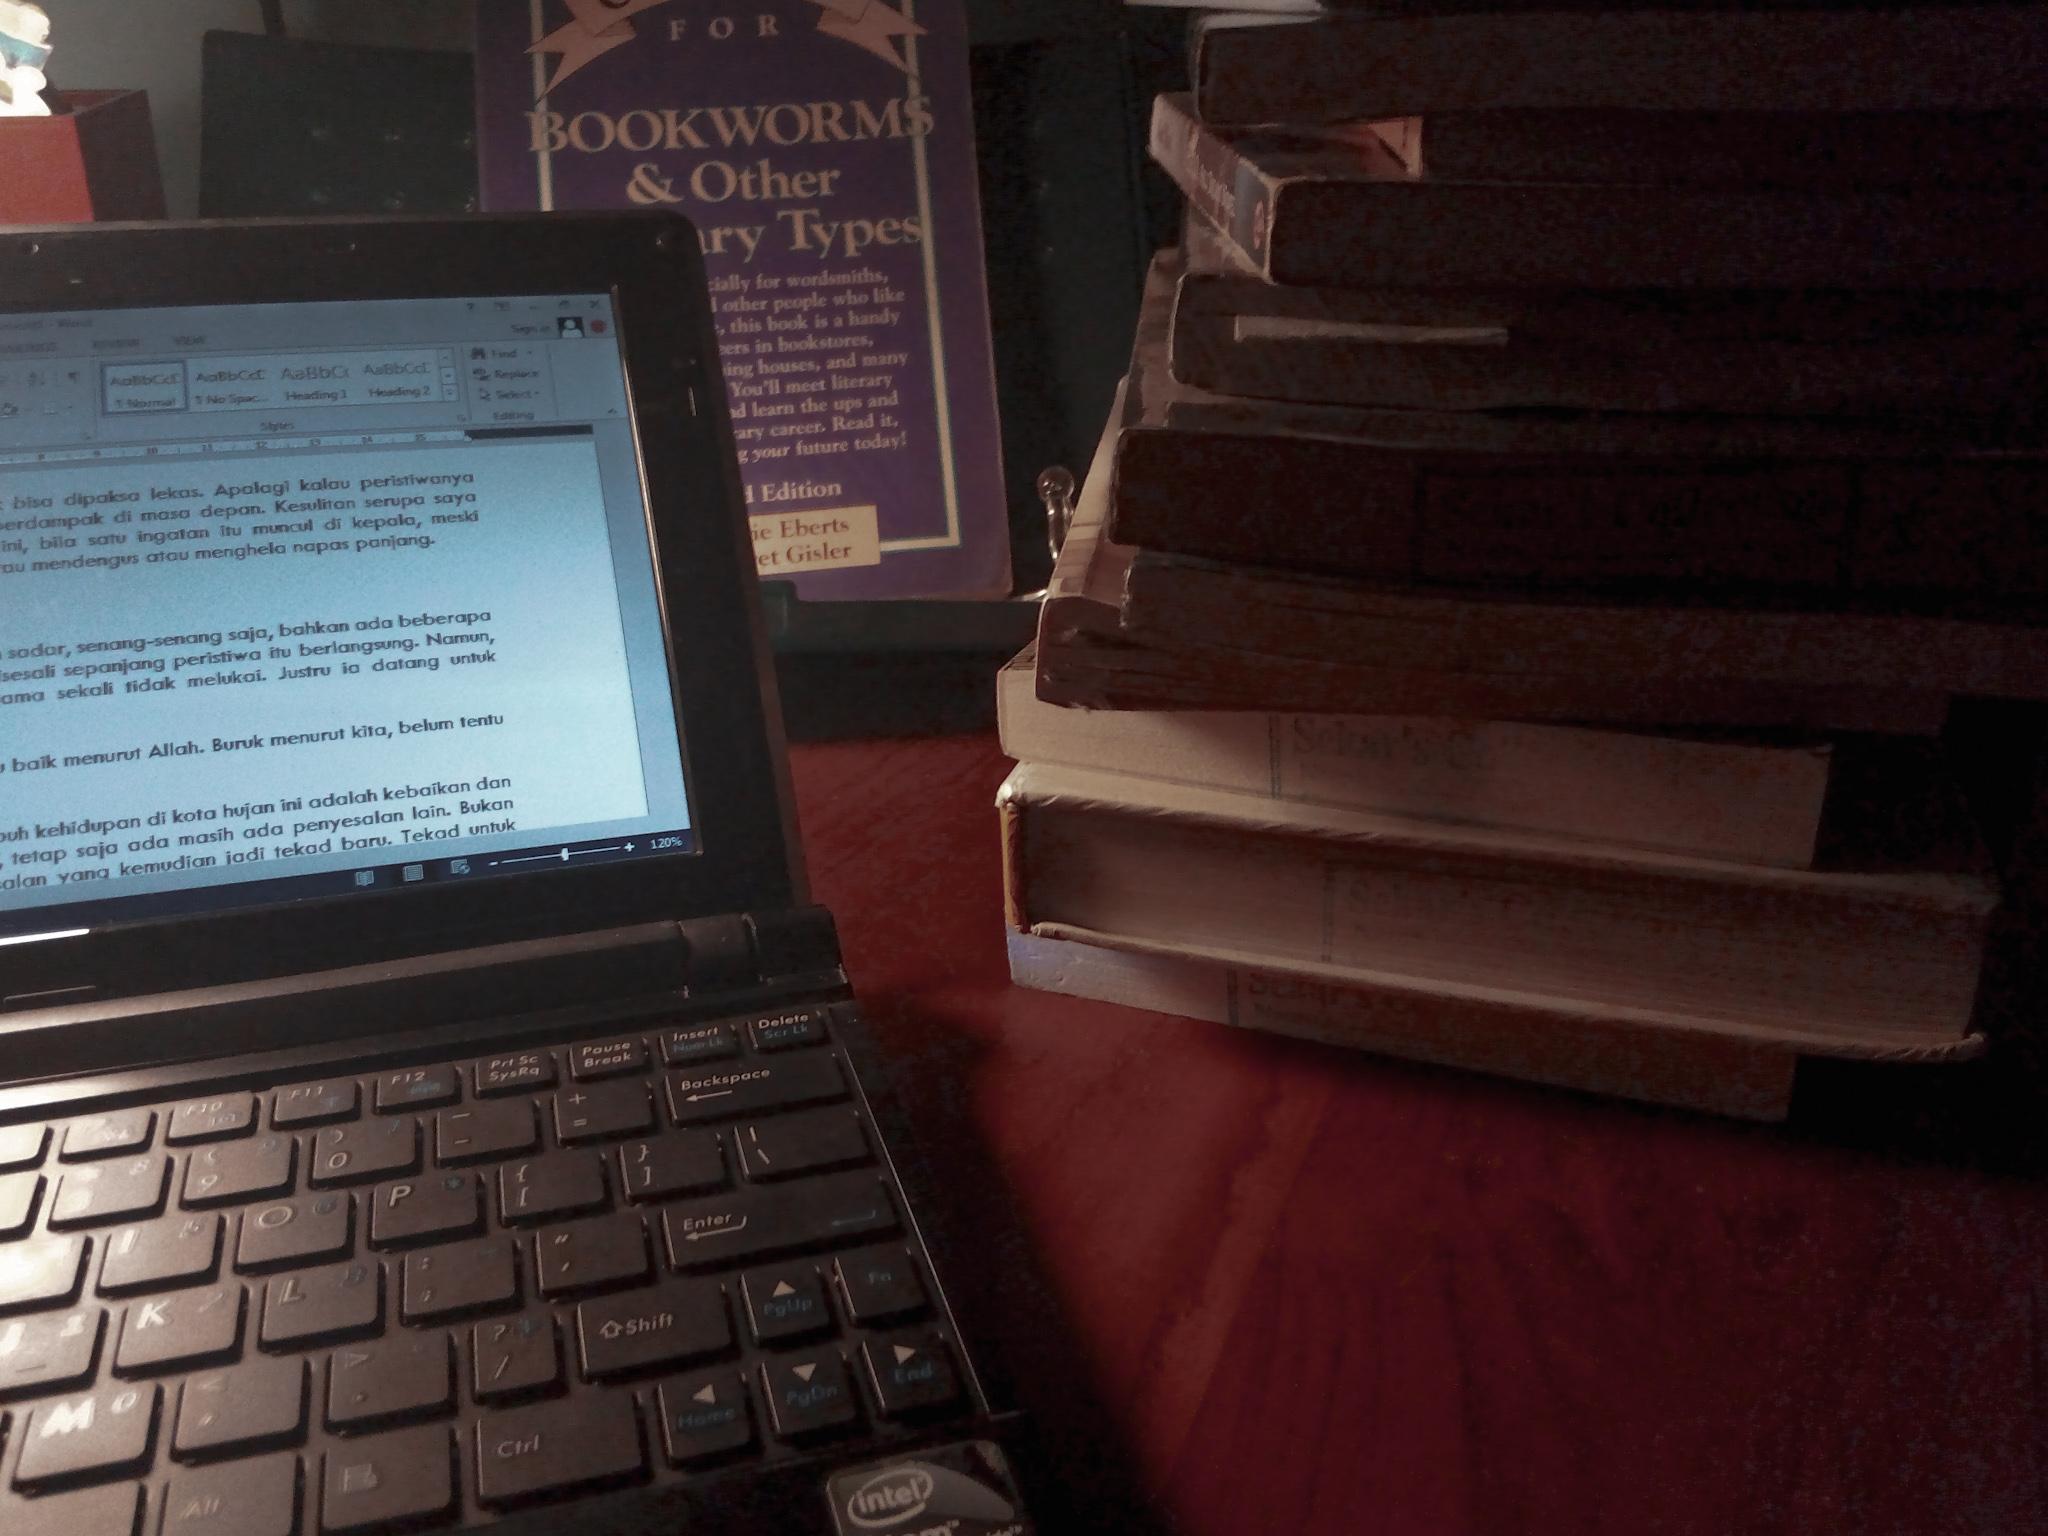 Menulis setiap malam entah itu cerita fiksi atau puisi di laptop bersejarah